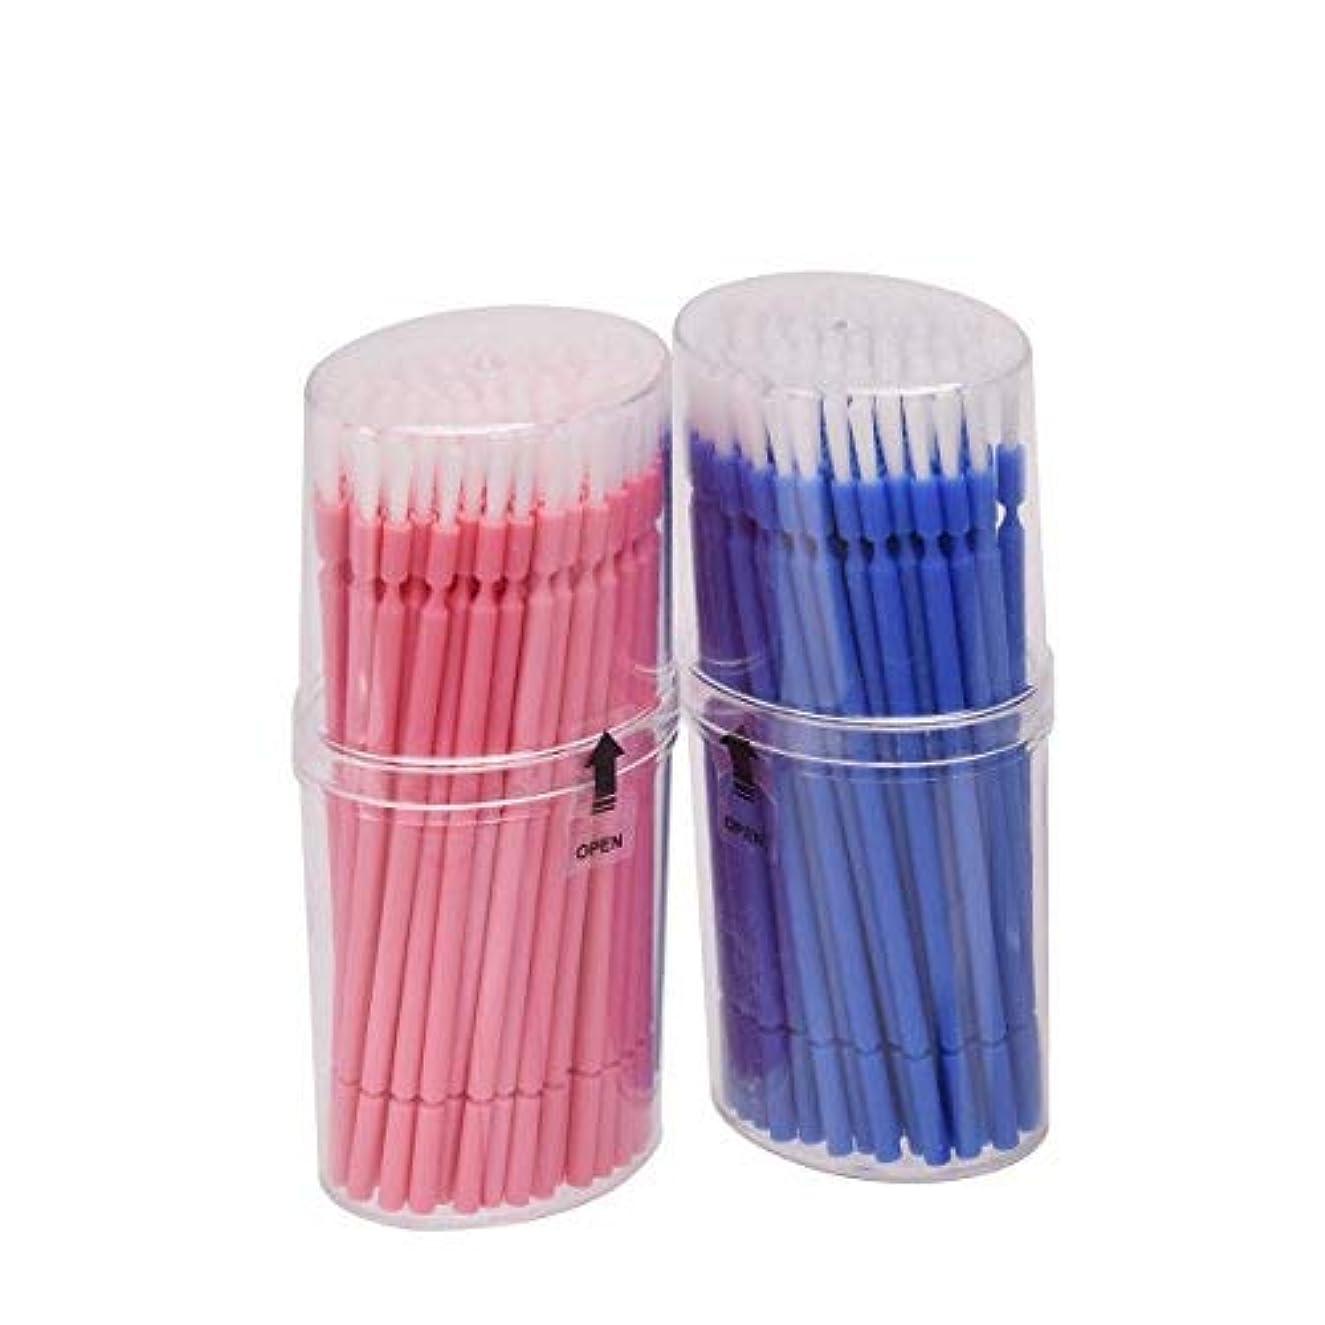 不明瞭を通して大マイクブラシ 歯科ブラシ 精密機器の細部の清掃など 幅広く使える 使い捨て 4 * 100=400本入り Annhua